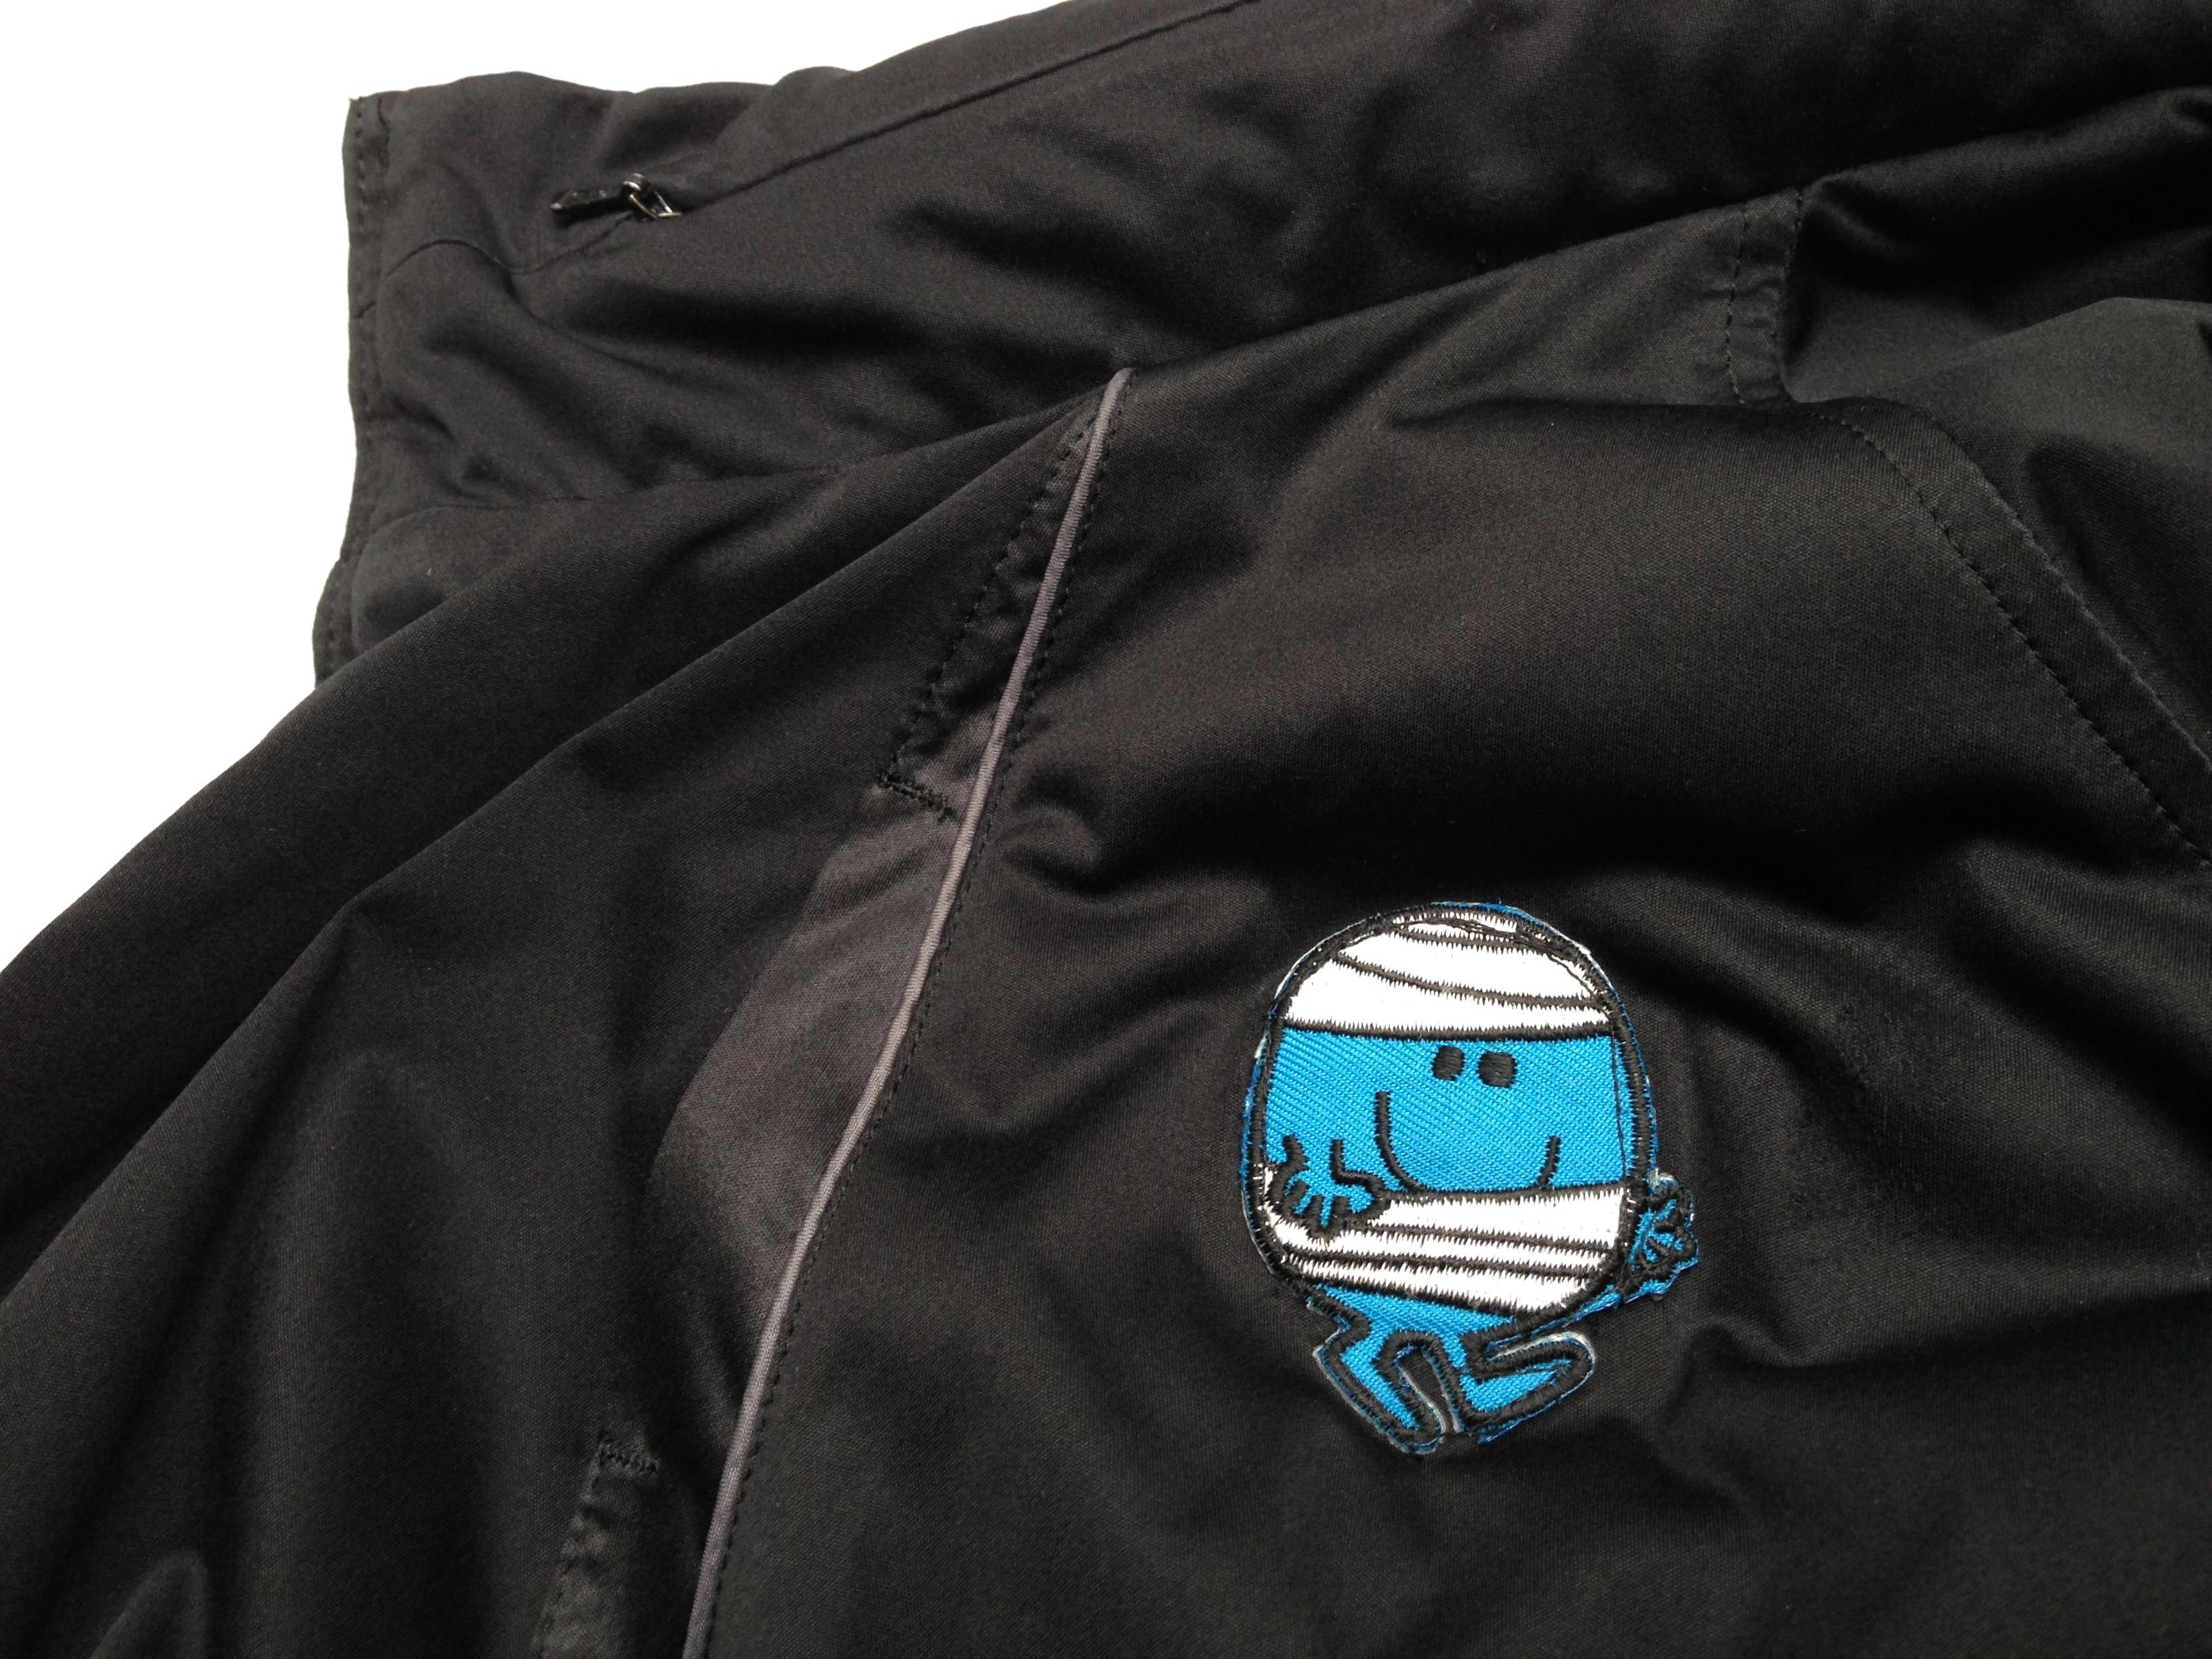 Ivan's repaired jacket